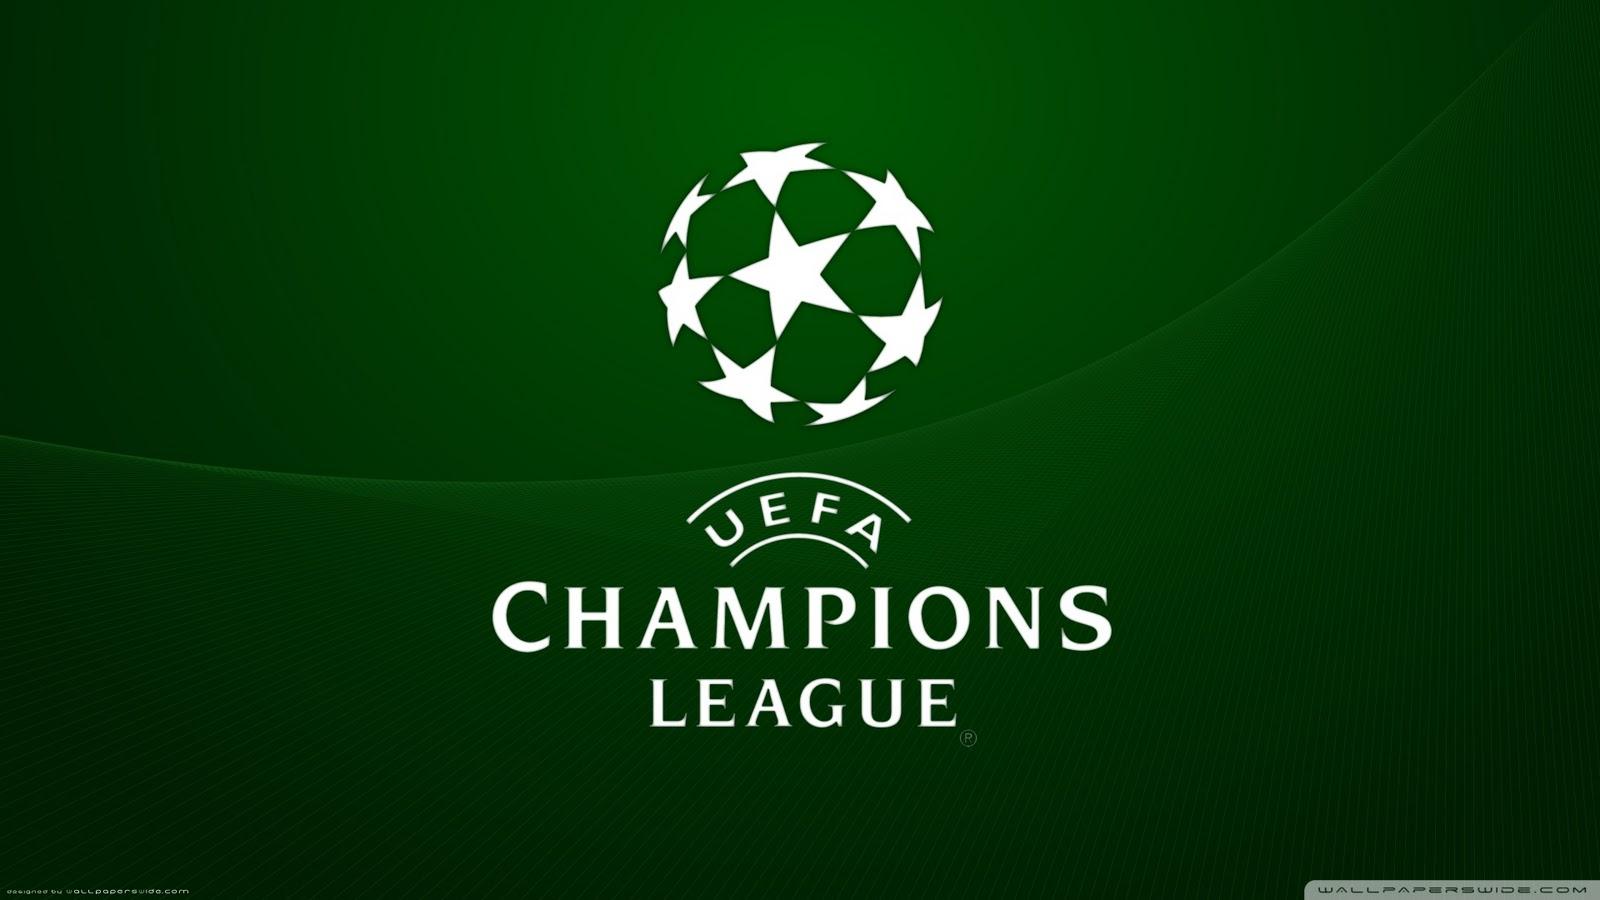 http://4.bp.blogspot.com/-H8XUWfNM43A/TspdCCKkHqI/AAAAAAAAB3U/cFOPIfW1Pt0/s1600/uefa-champions-league-01.jpg